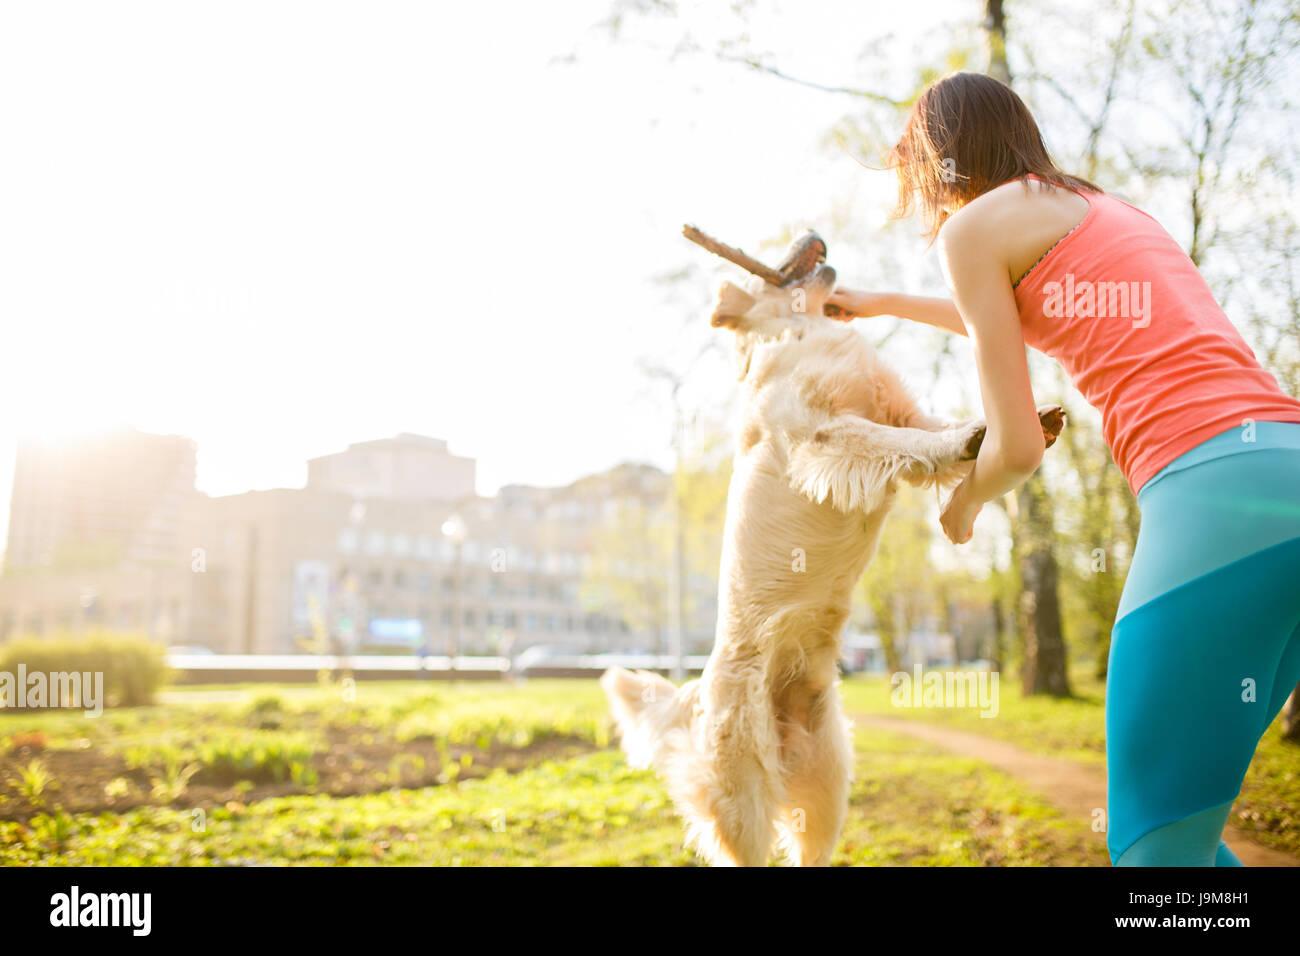 Brünette, Labrador mit Stick spielen Stockbild